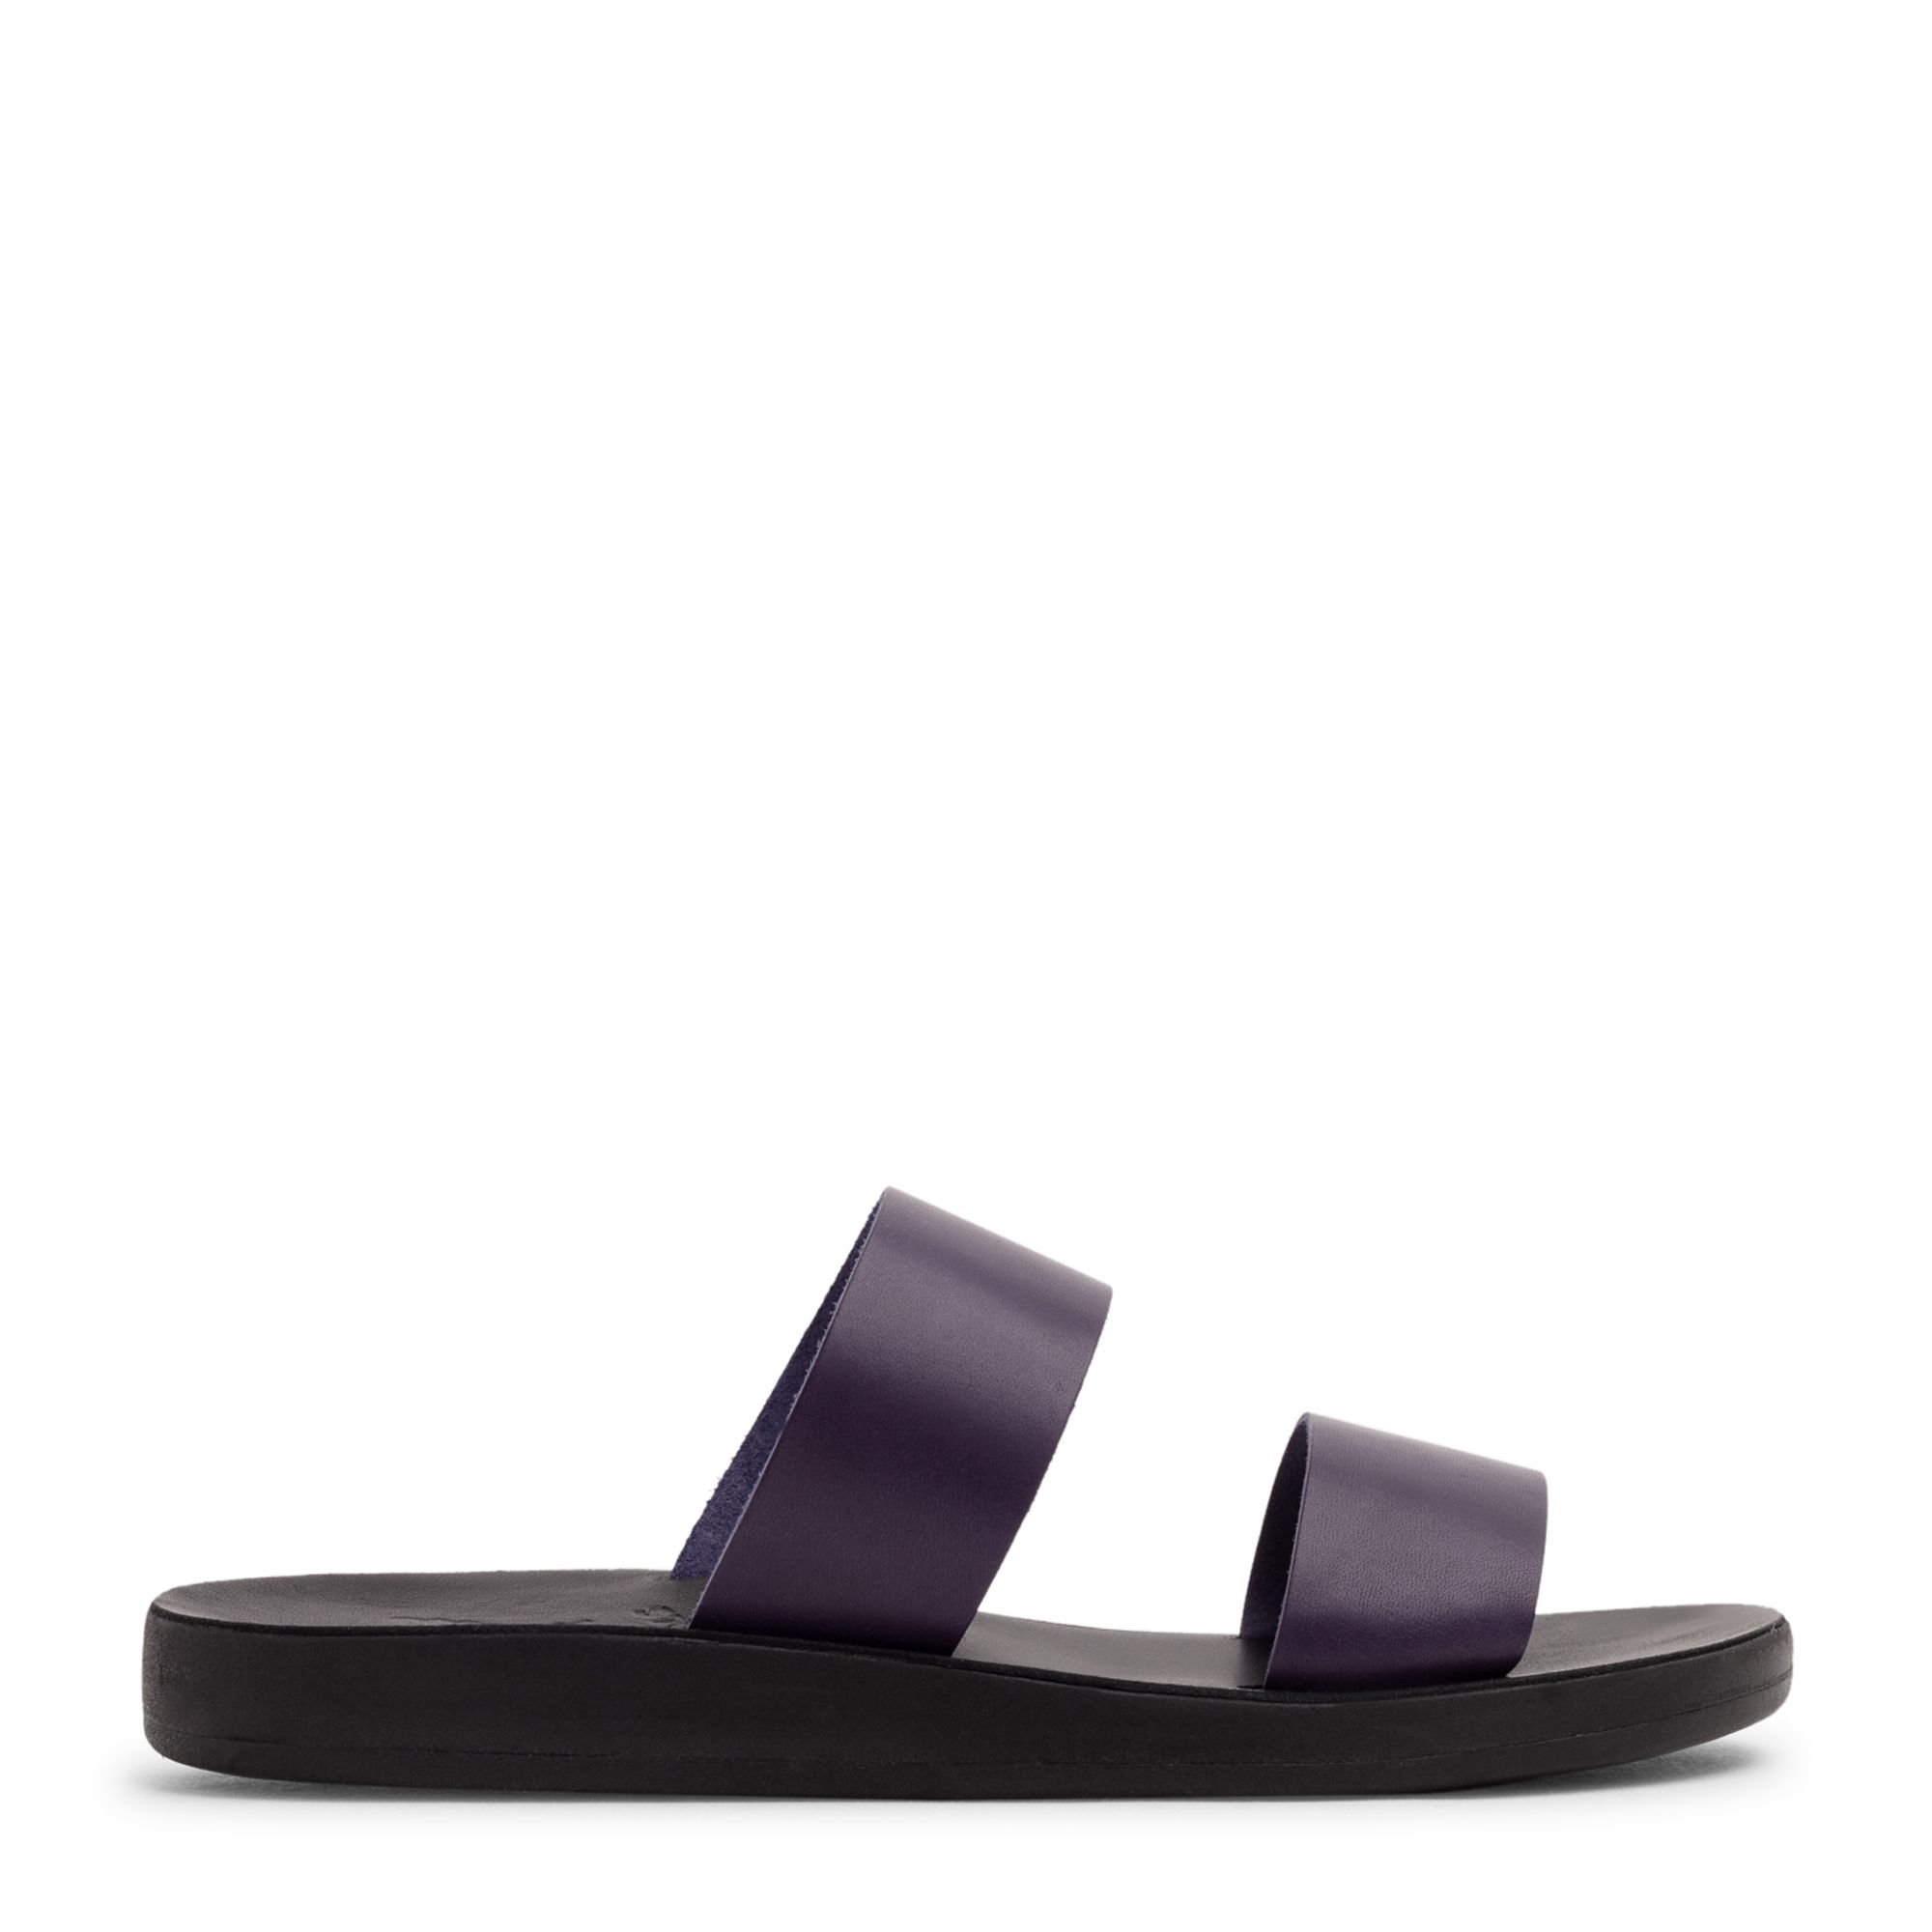 Ulysses comfort slides